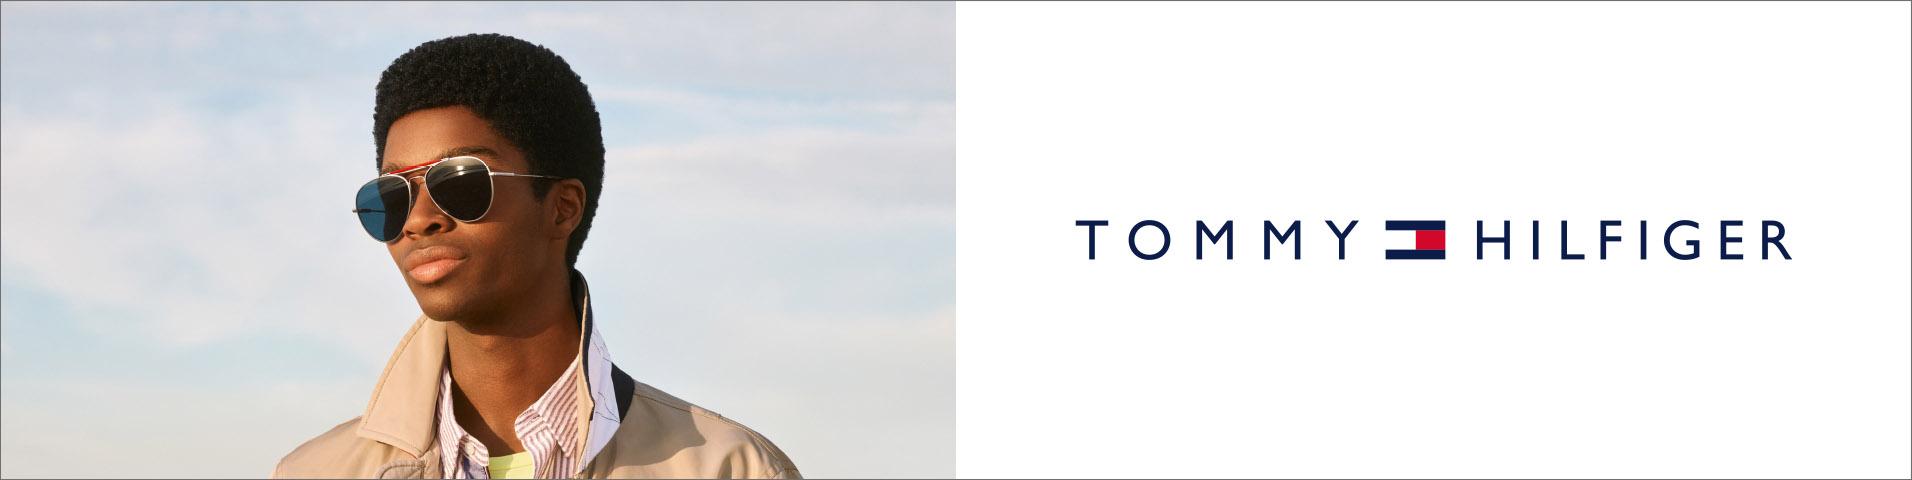 Occhiali da sole Tommy Hilfiger | Accessori da uomo su Zalando